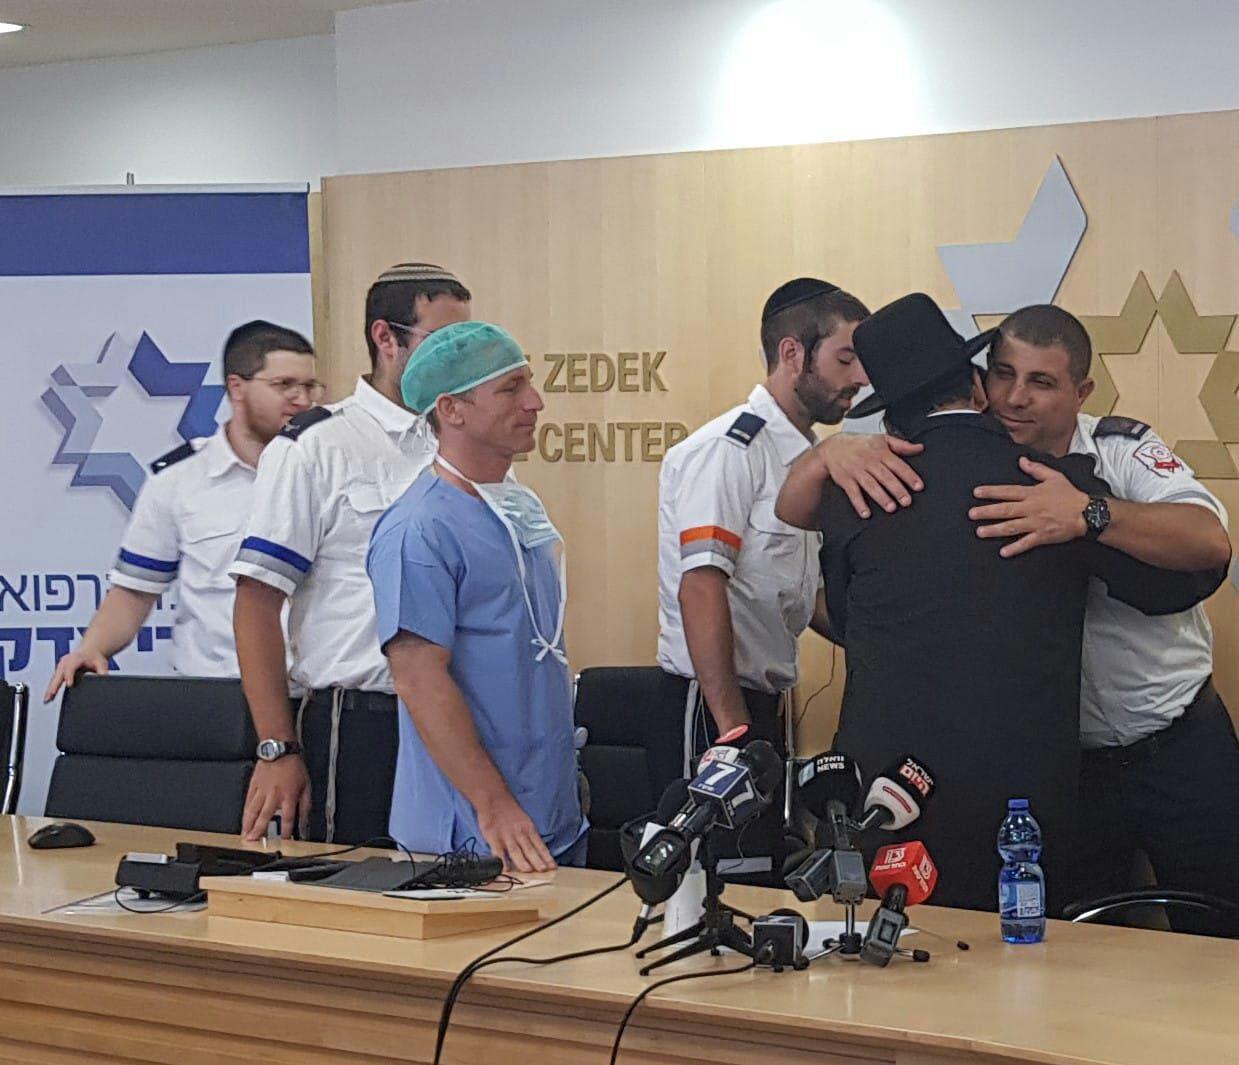 גבריאל עם הצוות הרפואי שהציל אותו